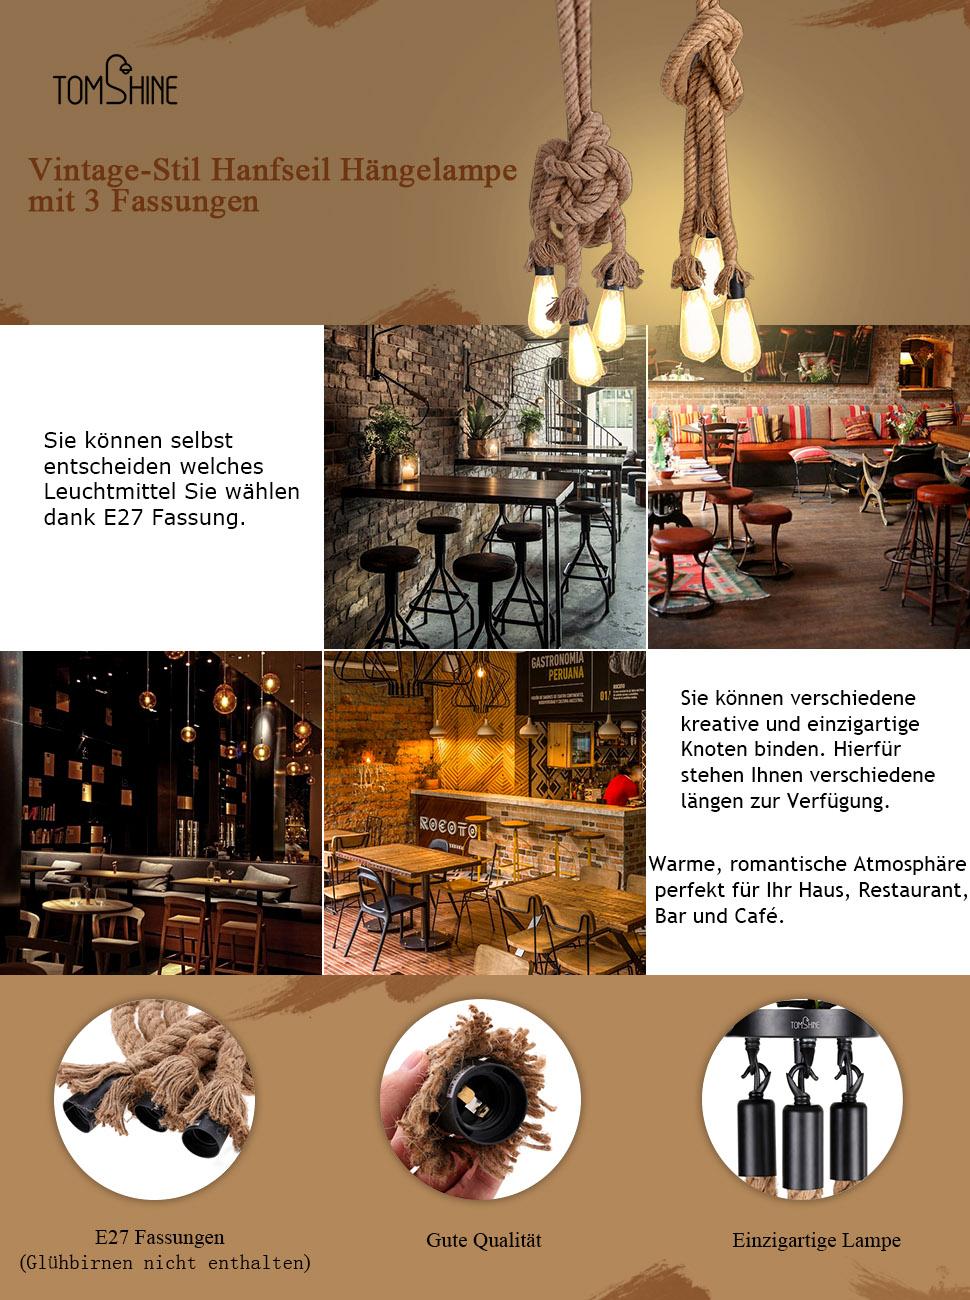 Geräumig Hängelampe Küche Referenz Von Vintage Pendelleuchte Hanfseillampe Hängelampe Tomshine Seilleuchte 0,5m